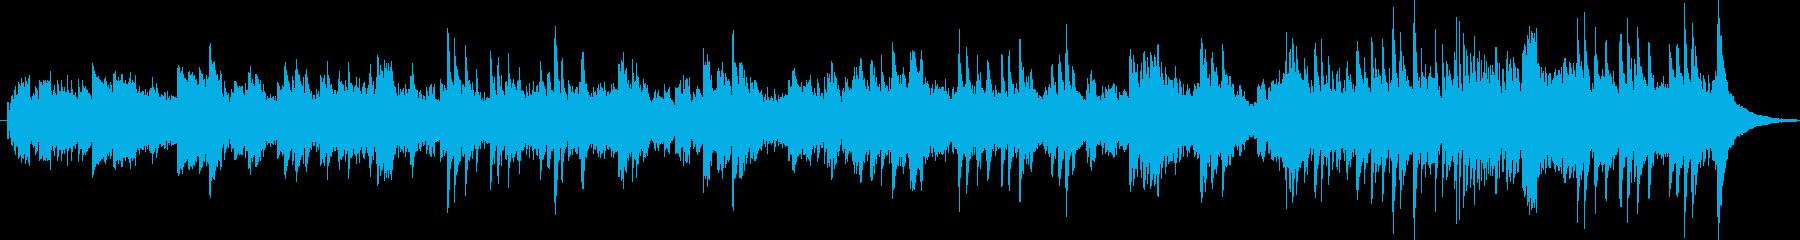 室内楽 不思議 奇妙 ピアノの再生済みの波形